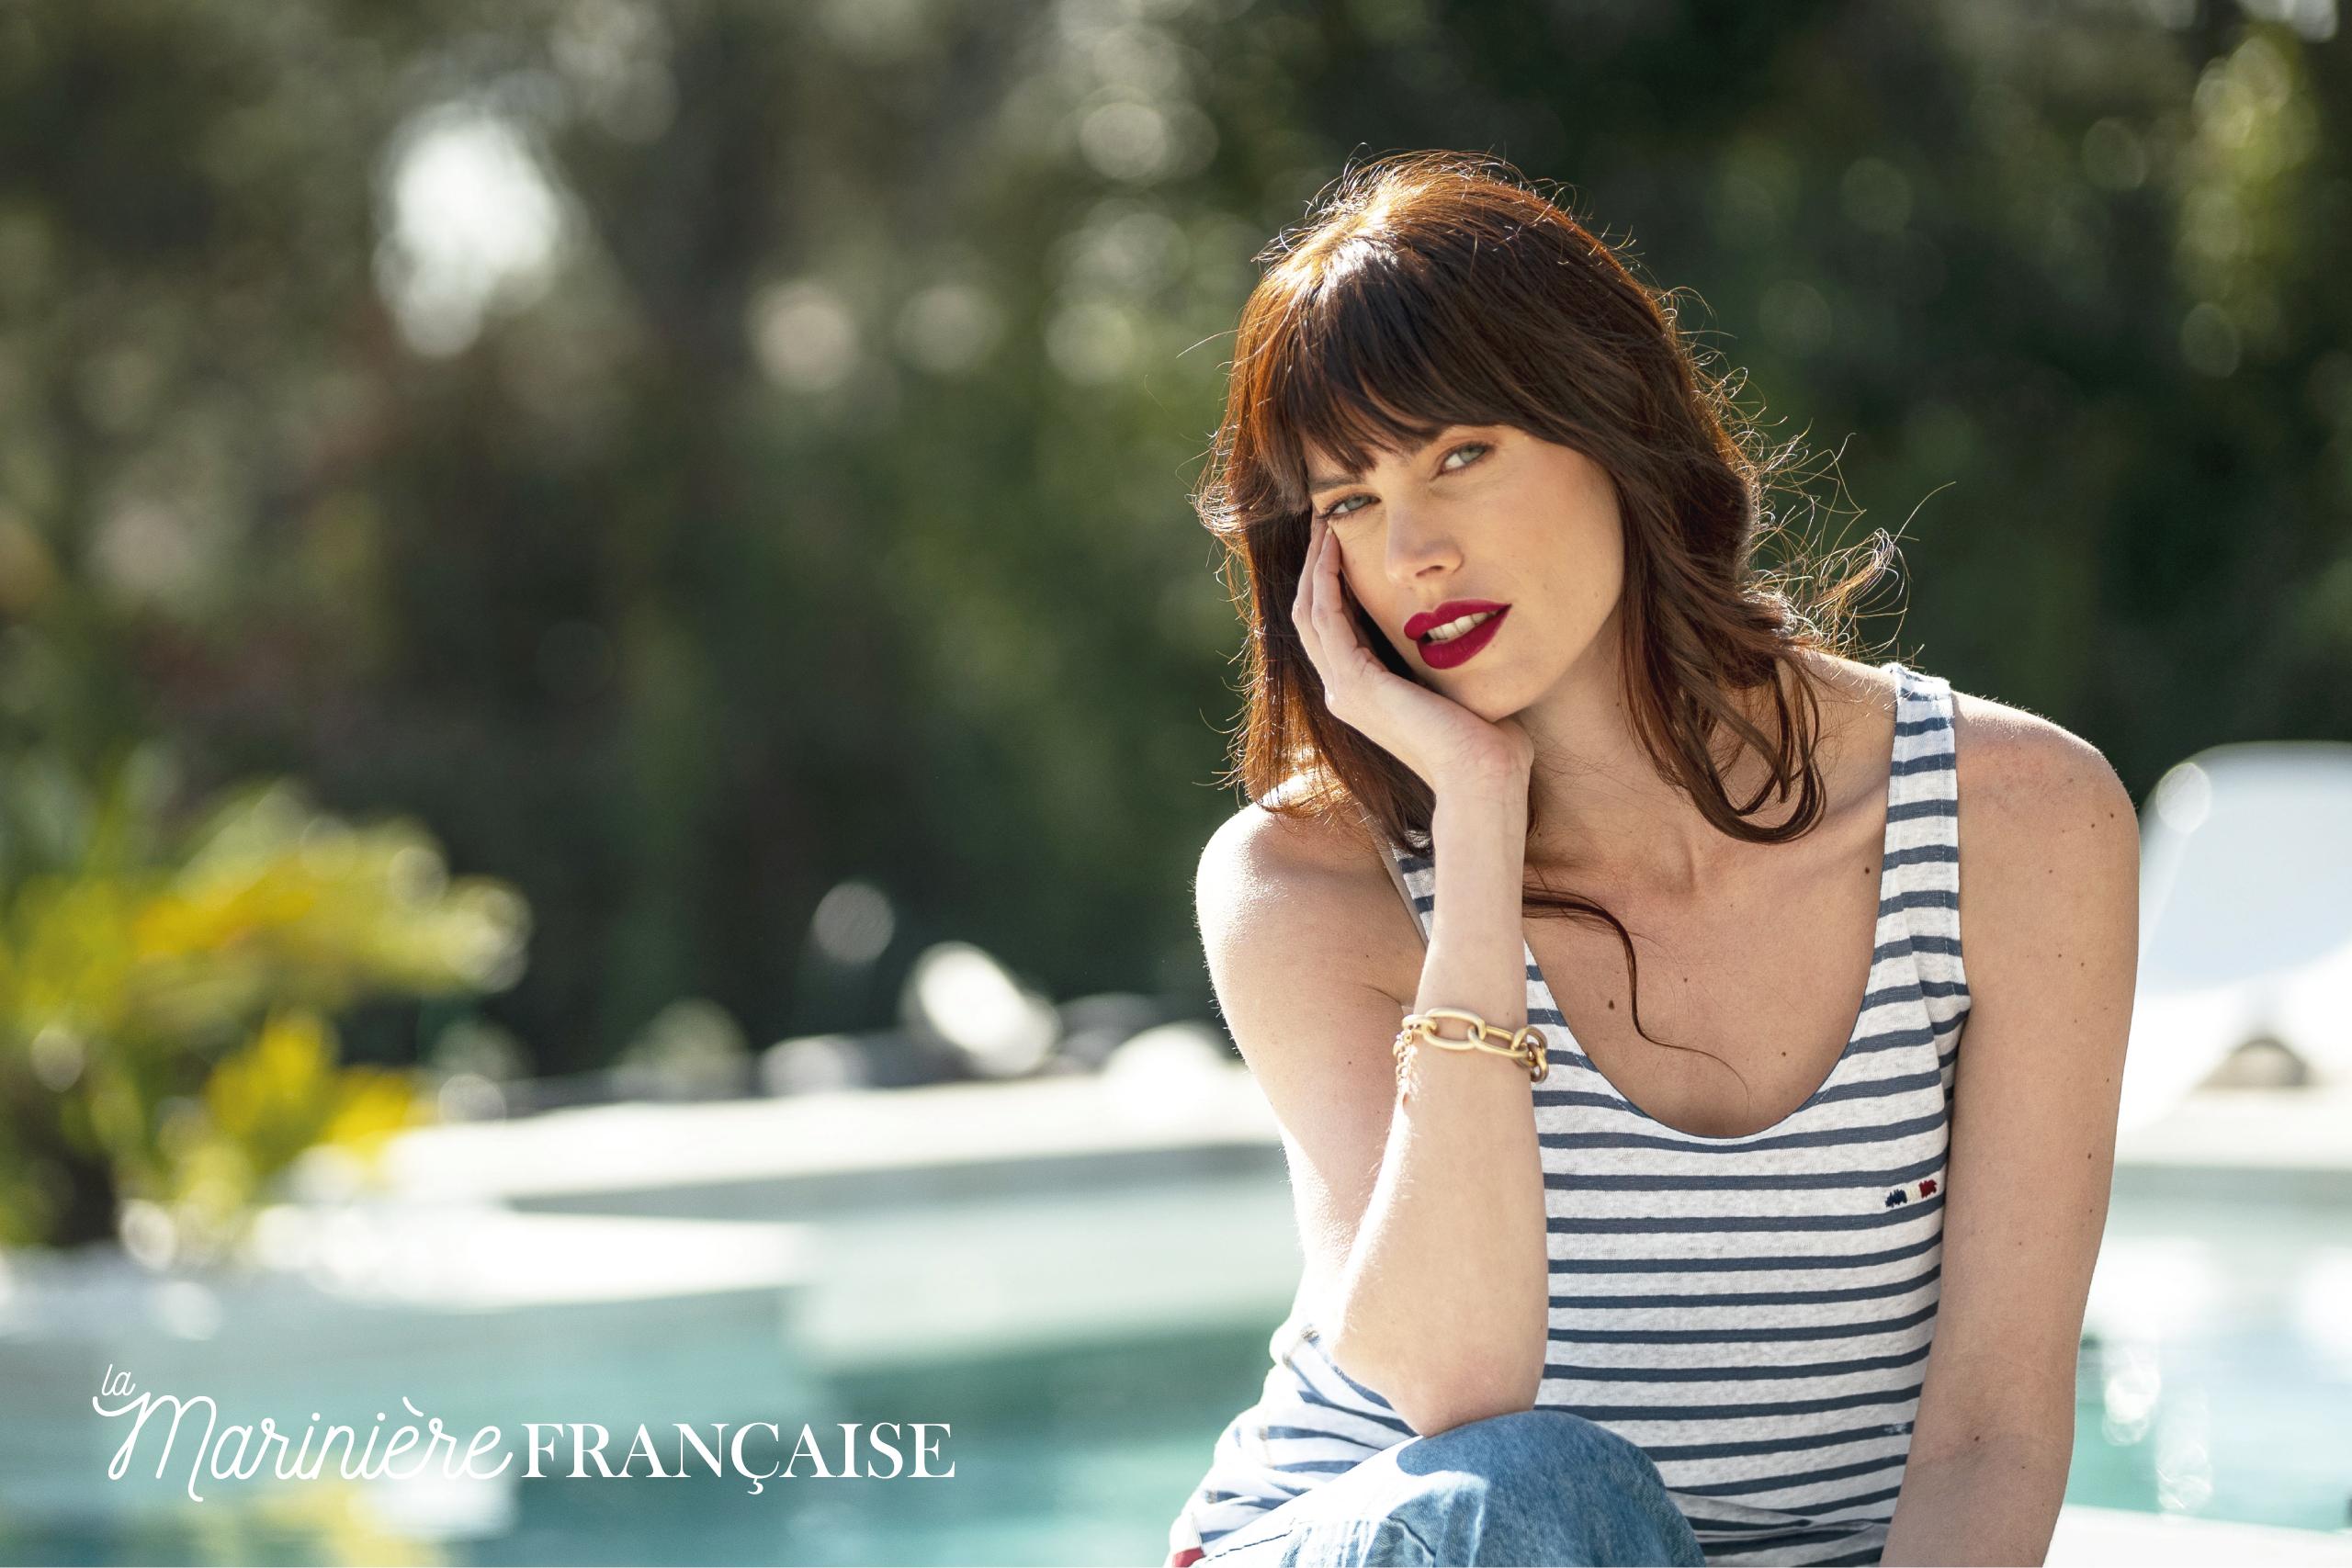 client La Marinière Française